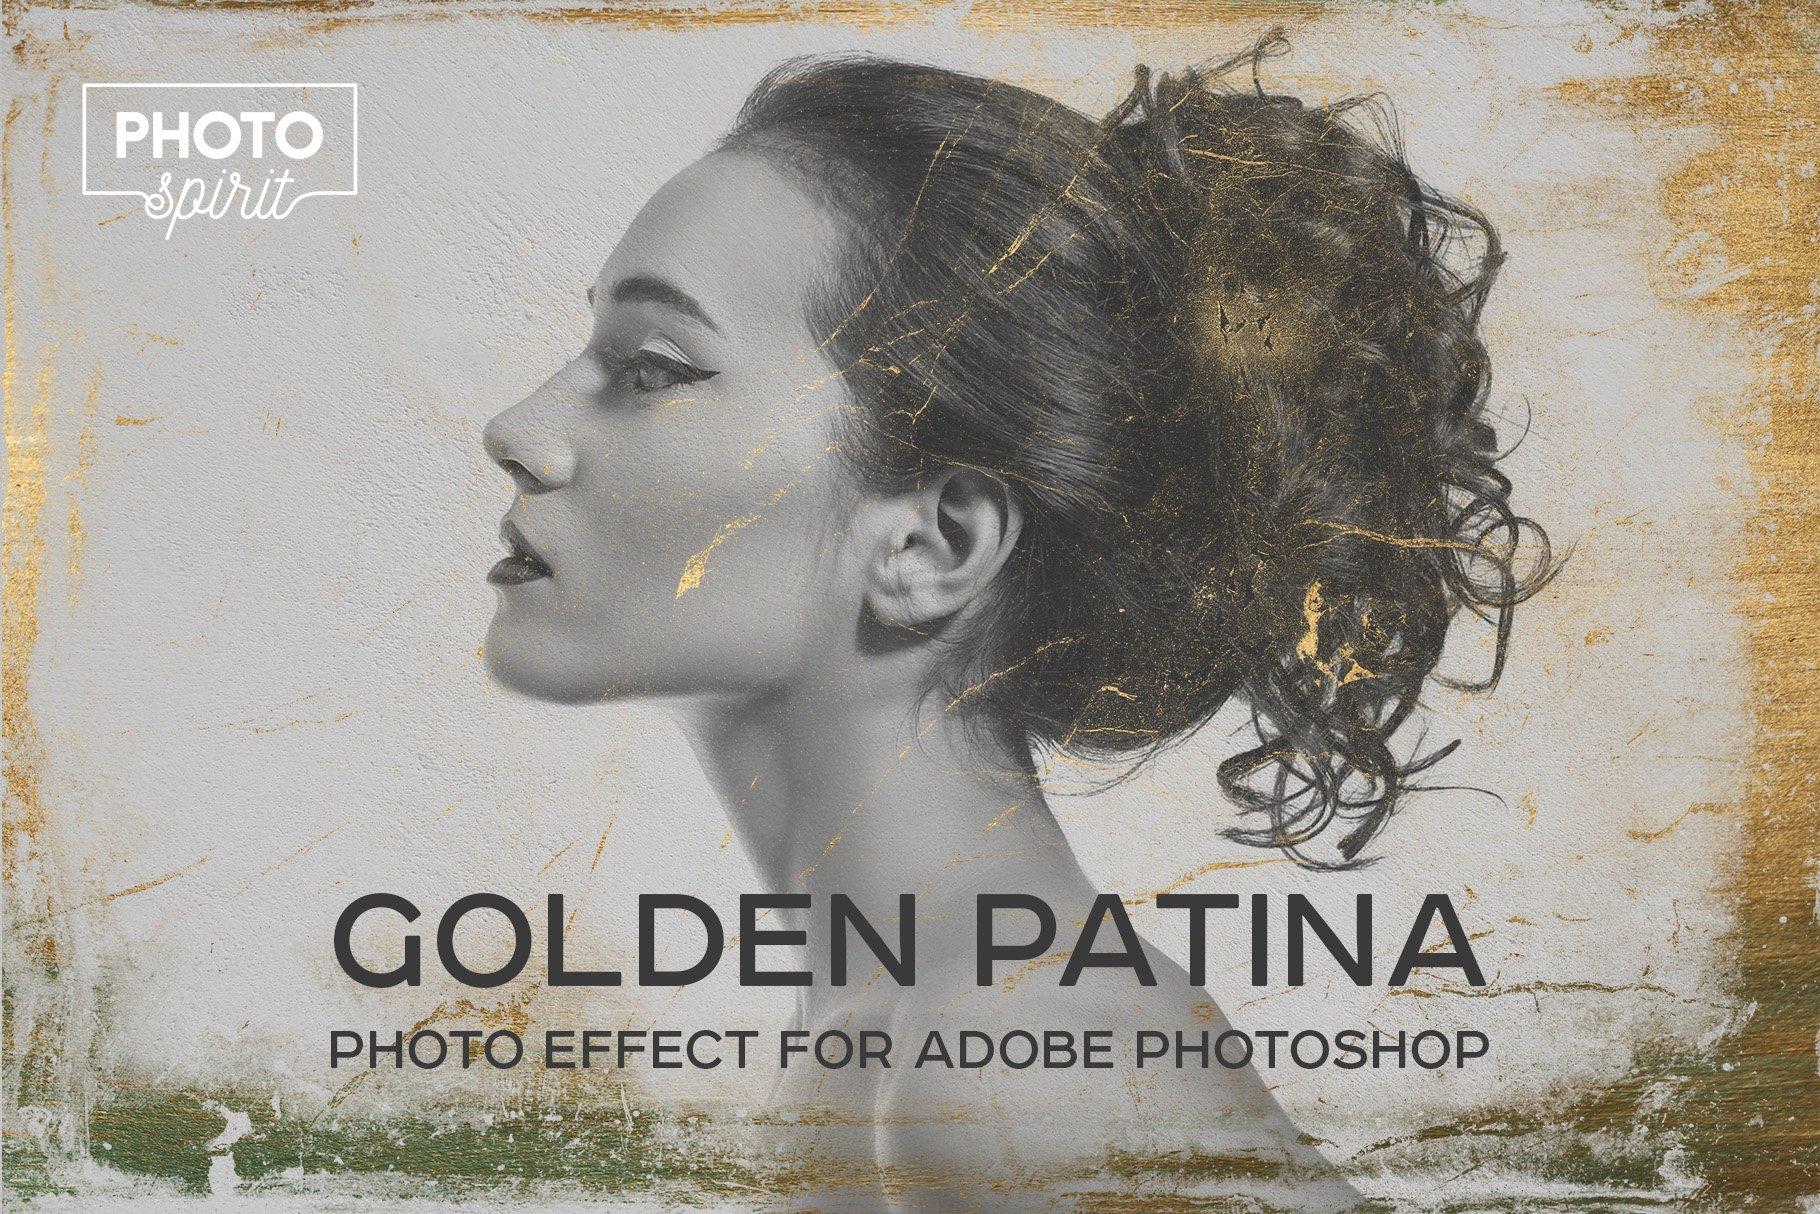 金色光泽铜绿划痕飞溅照片叠加层效果PS素材 Golden Patina Photo Effect插图